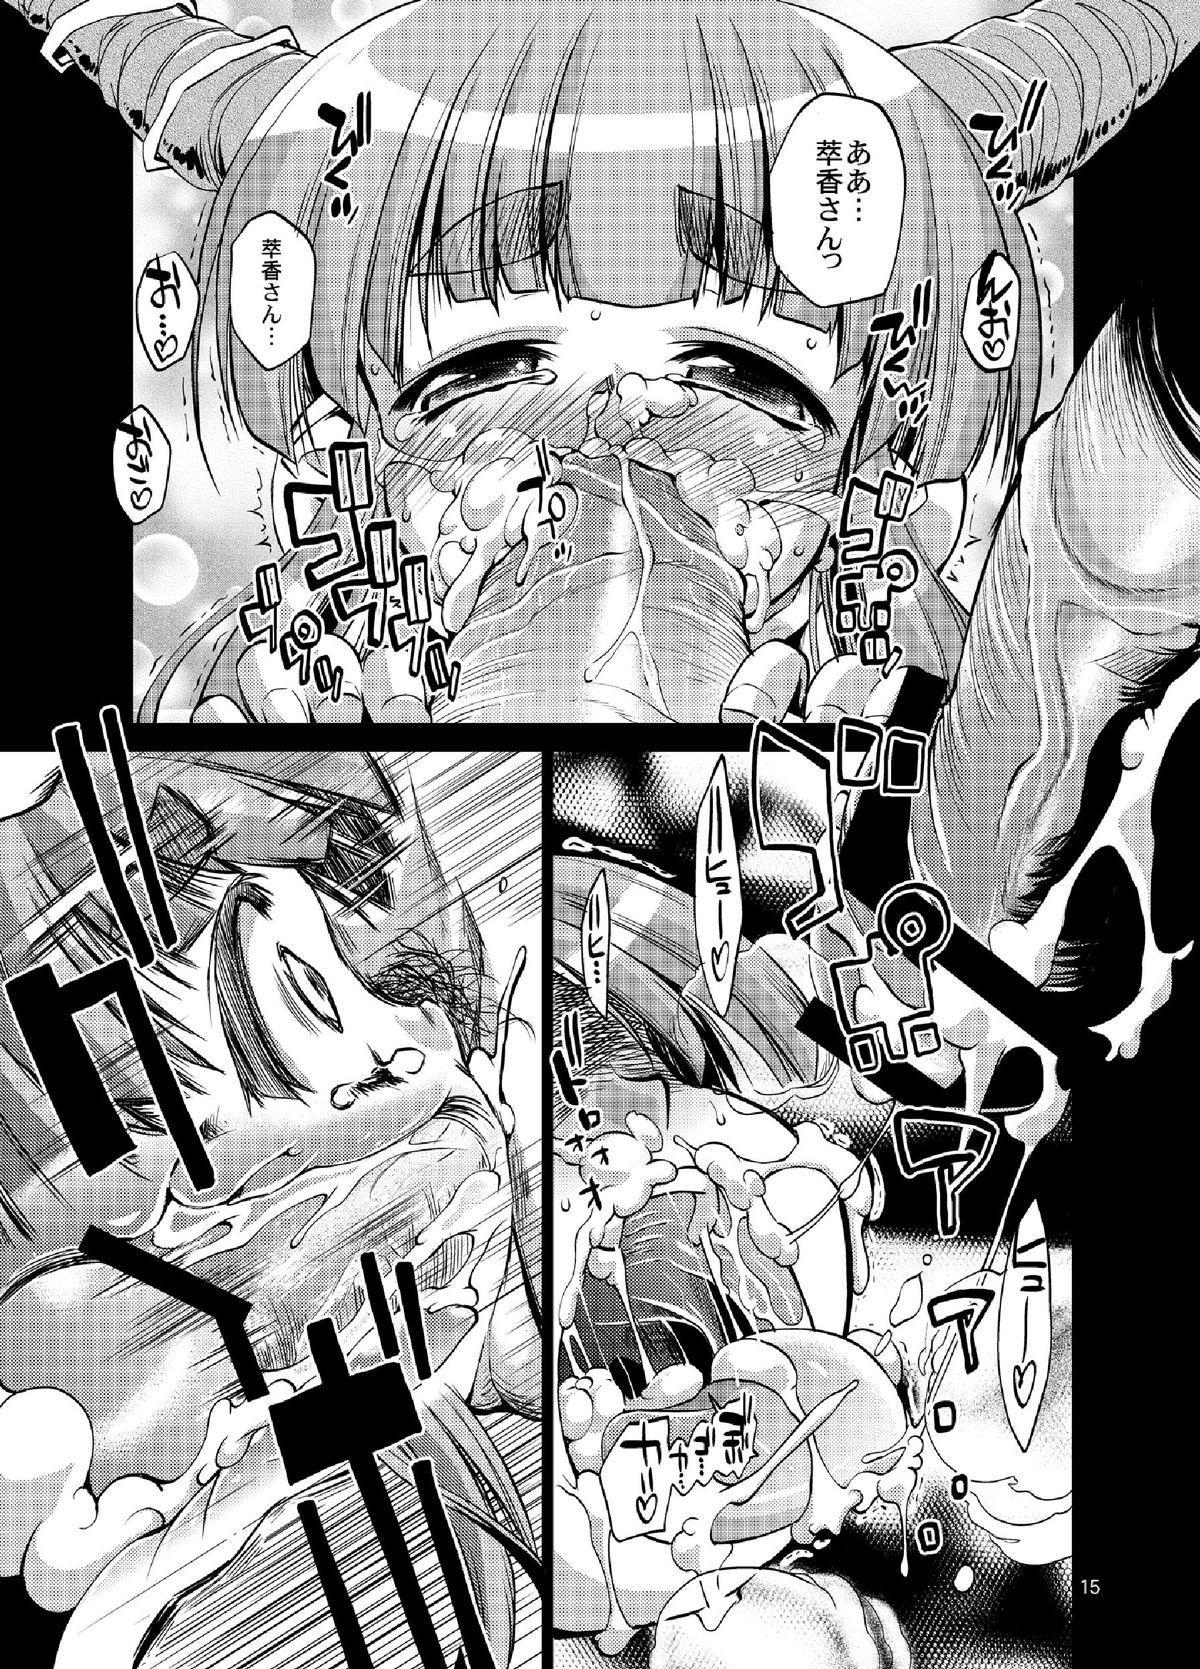 Suika no Okuchi o Meshiagare 13